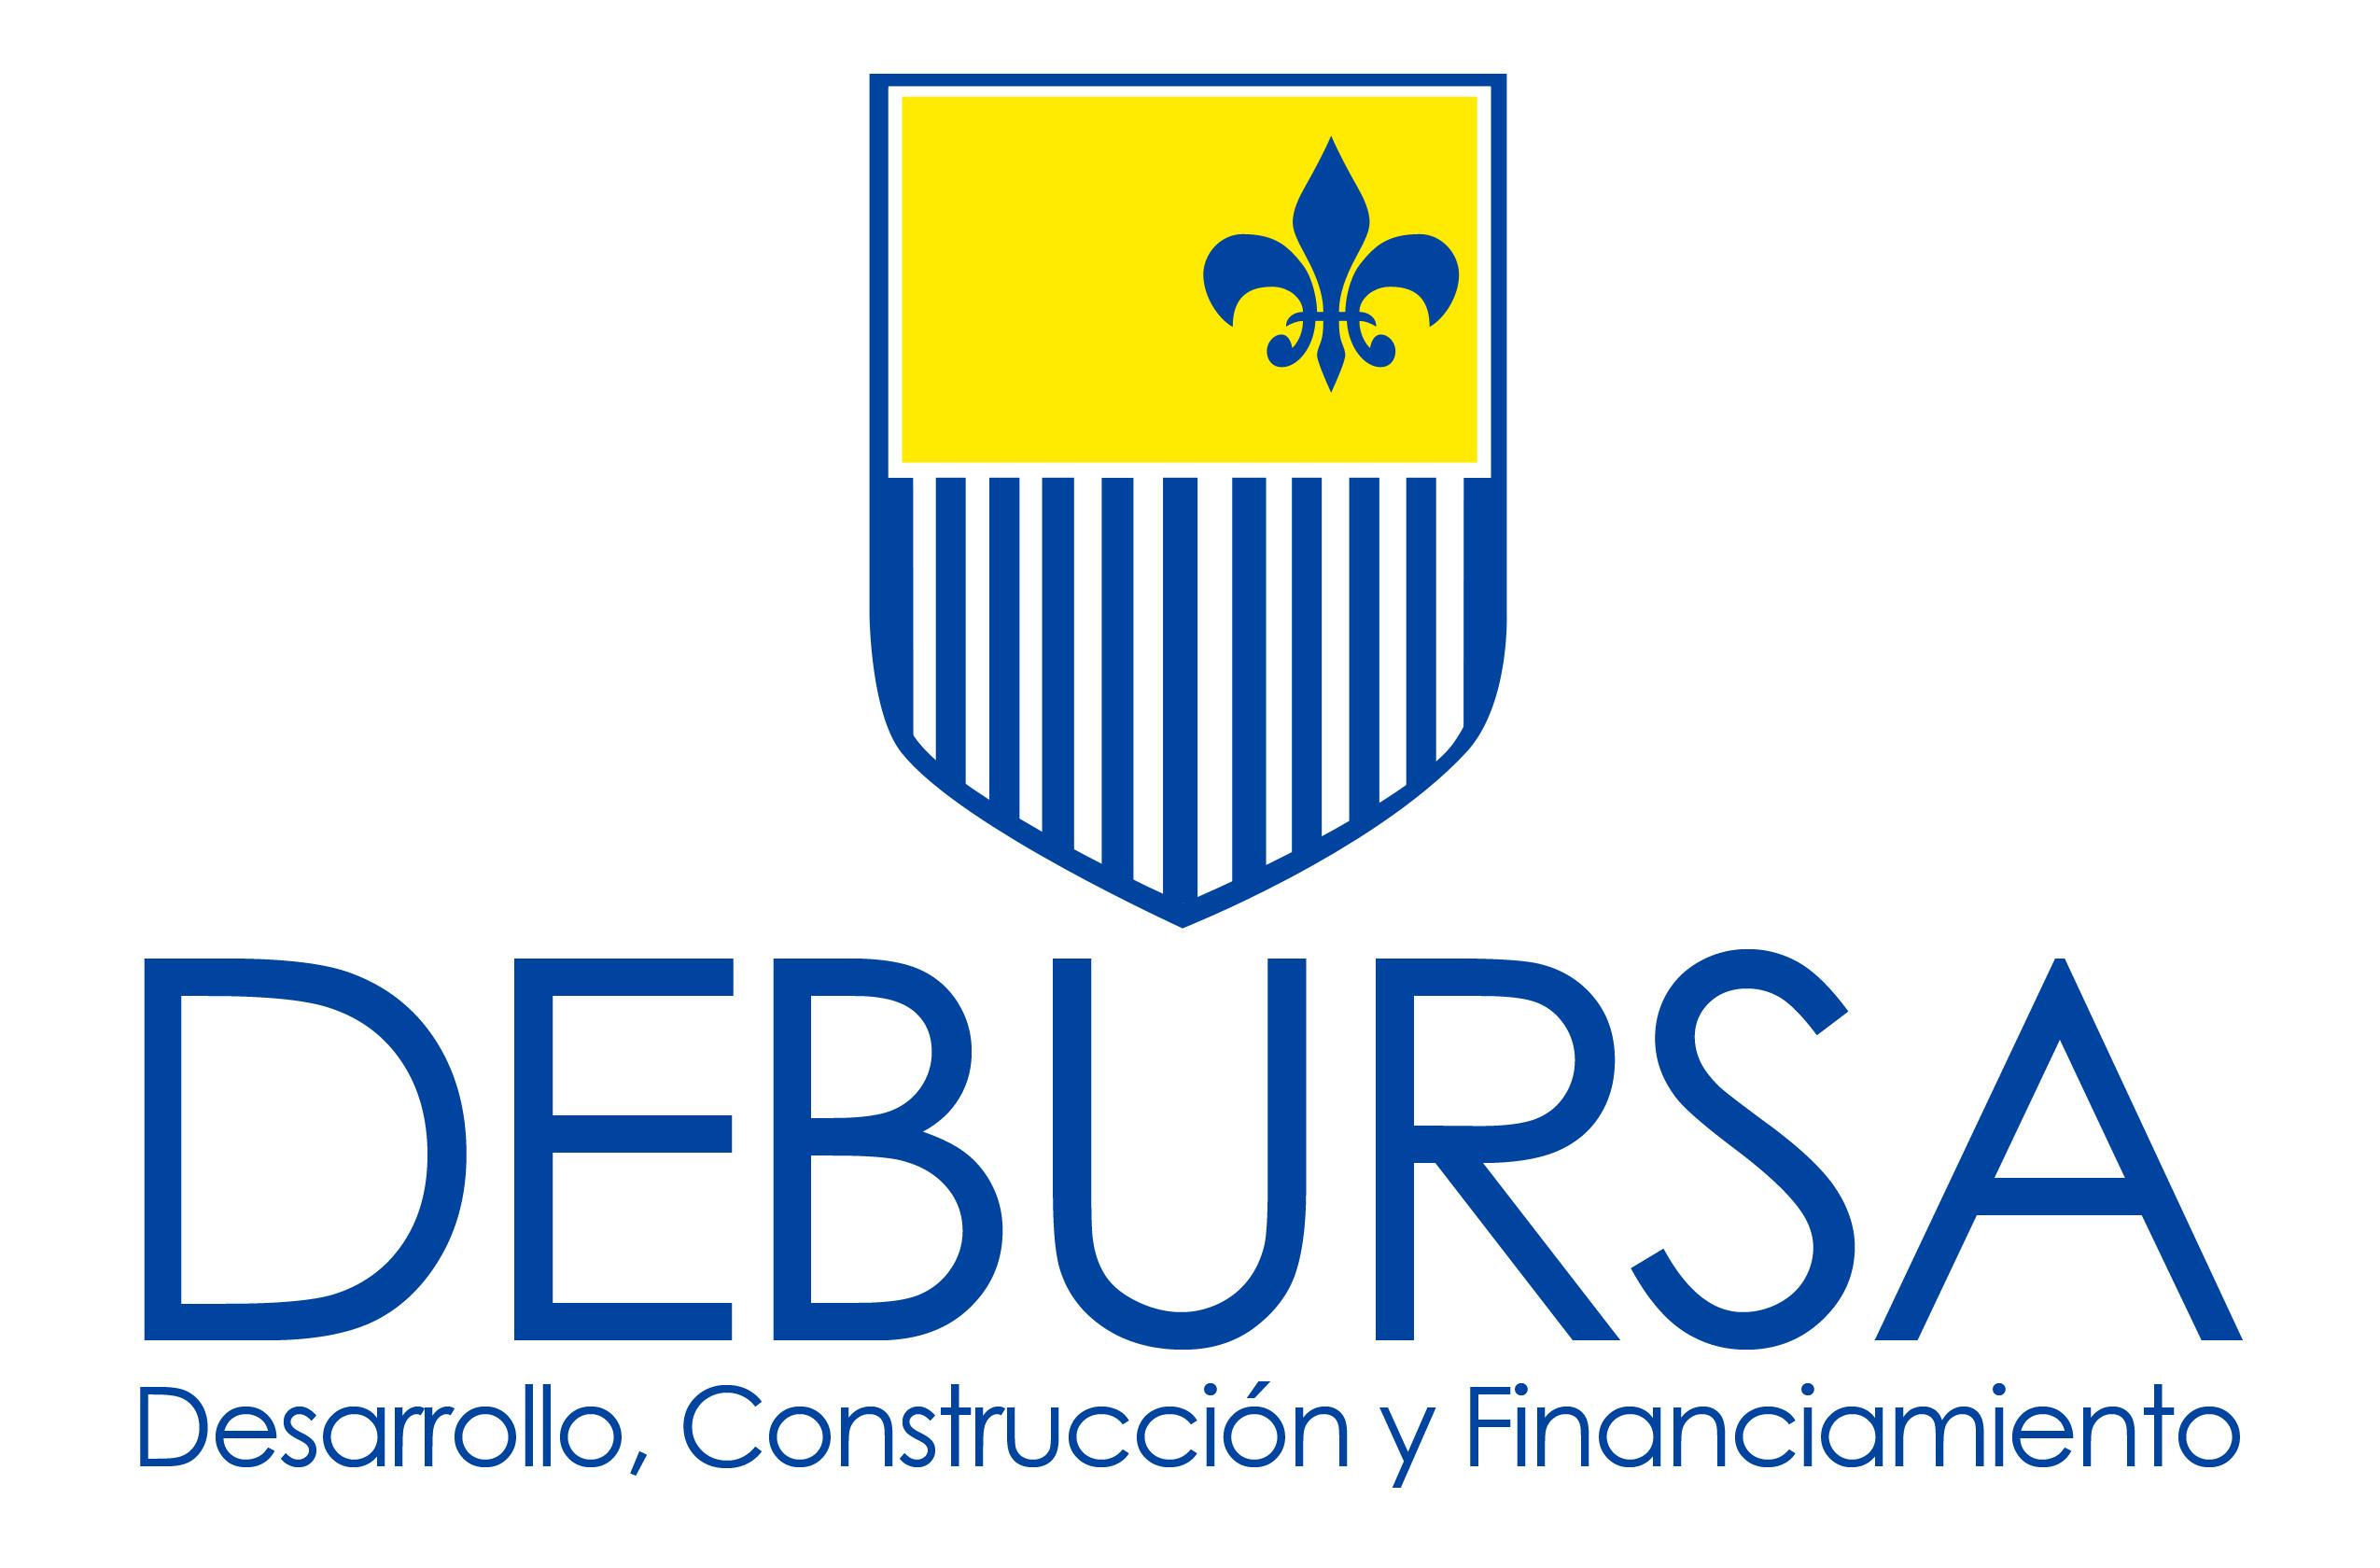 DEBURSA